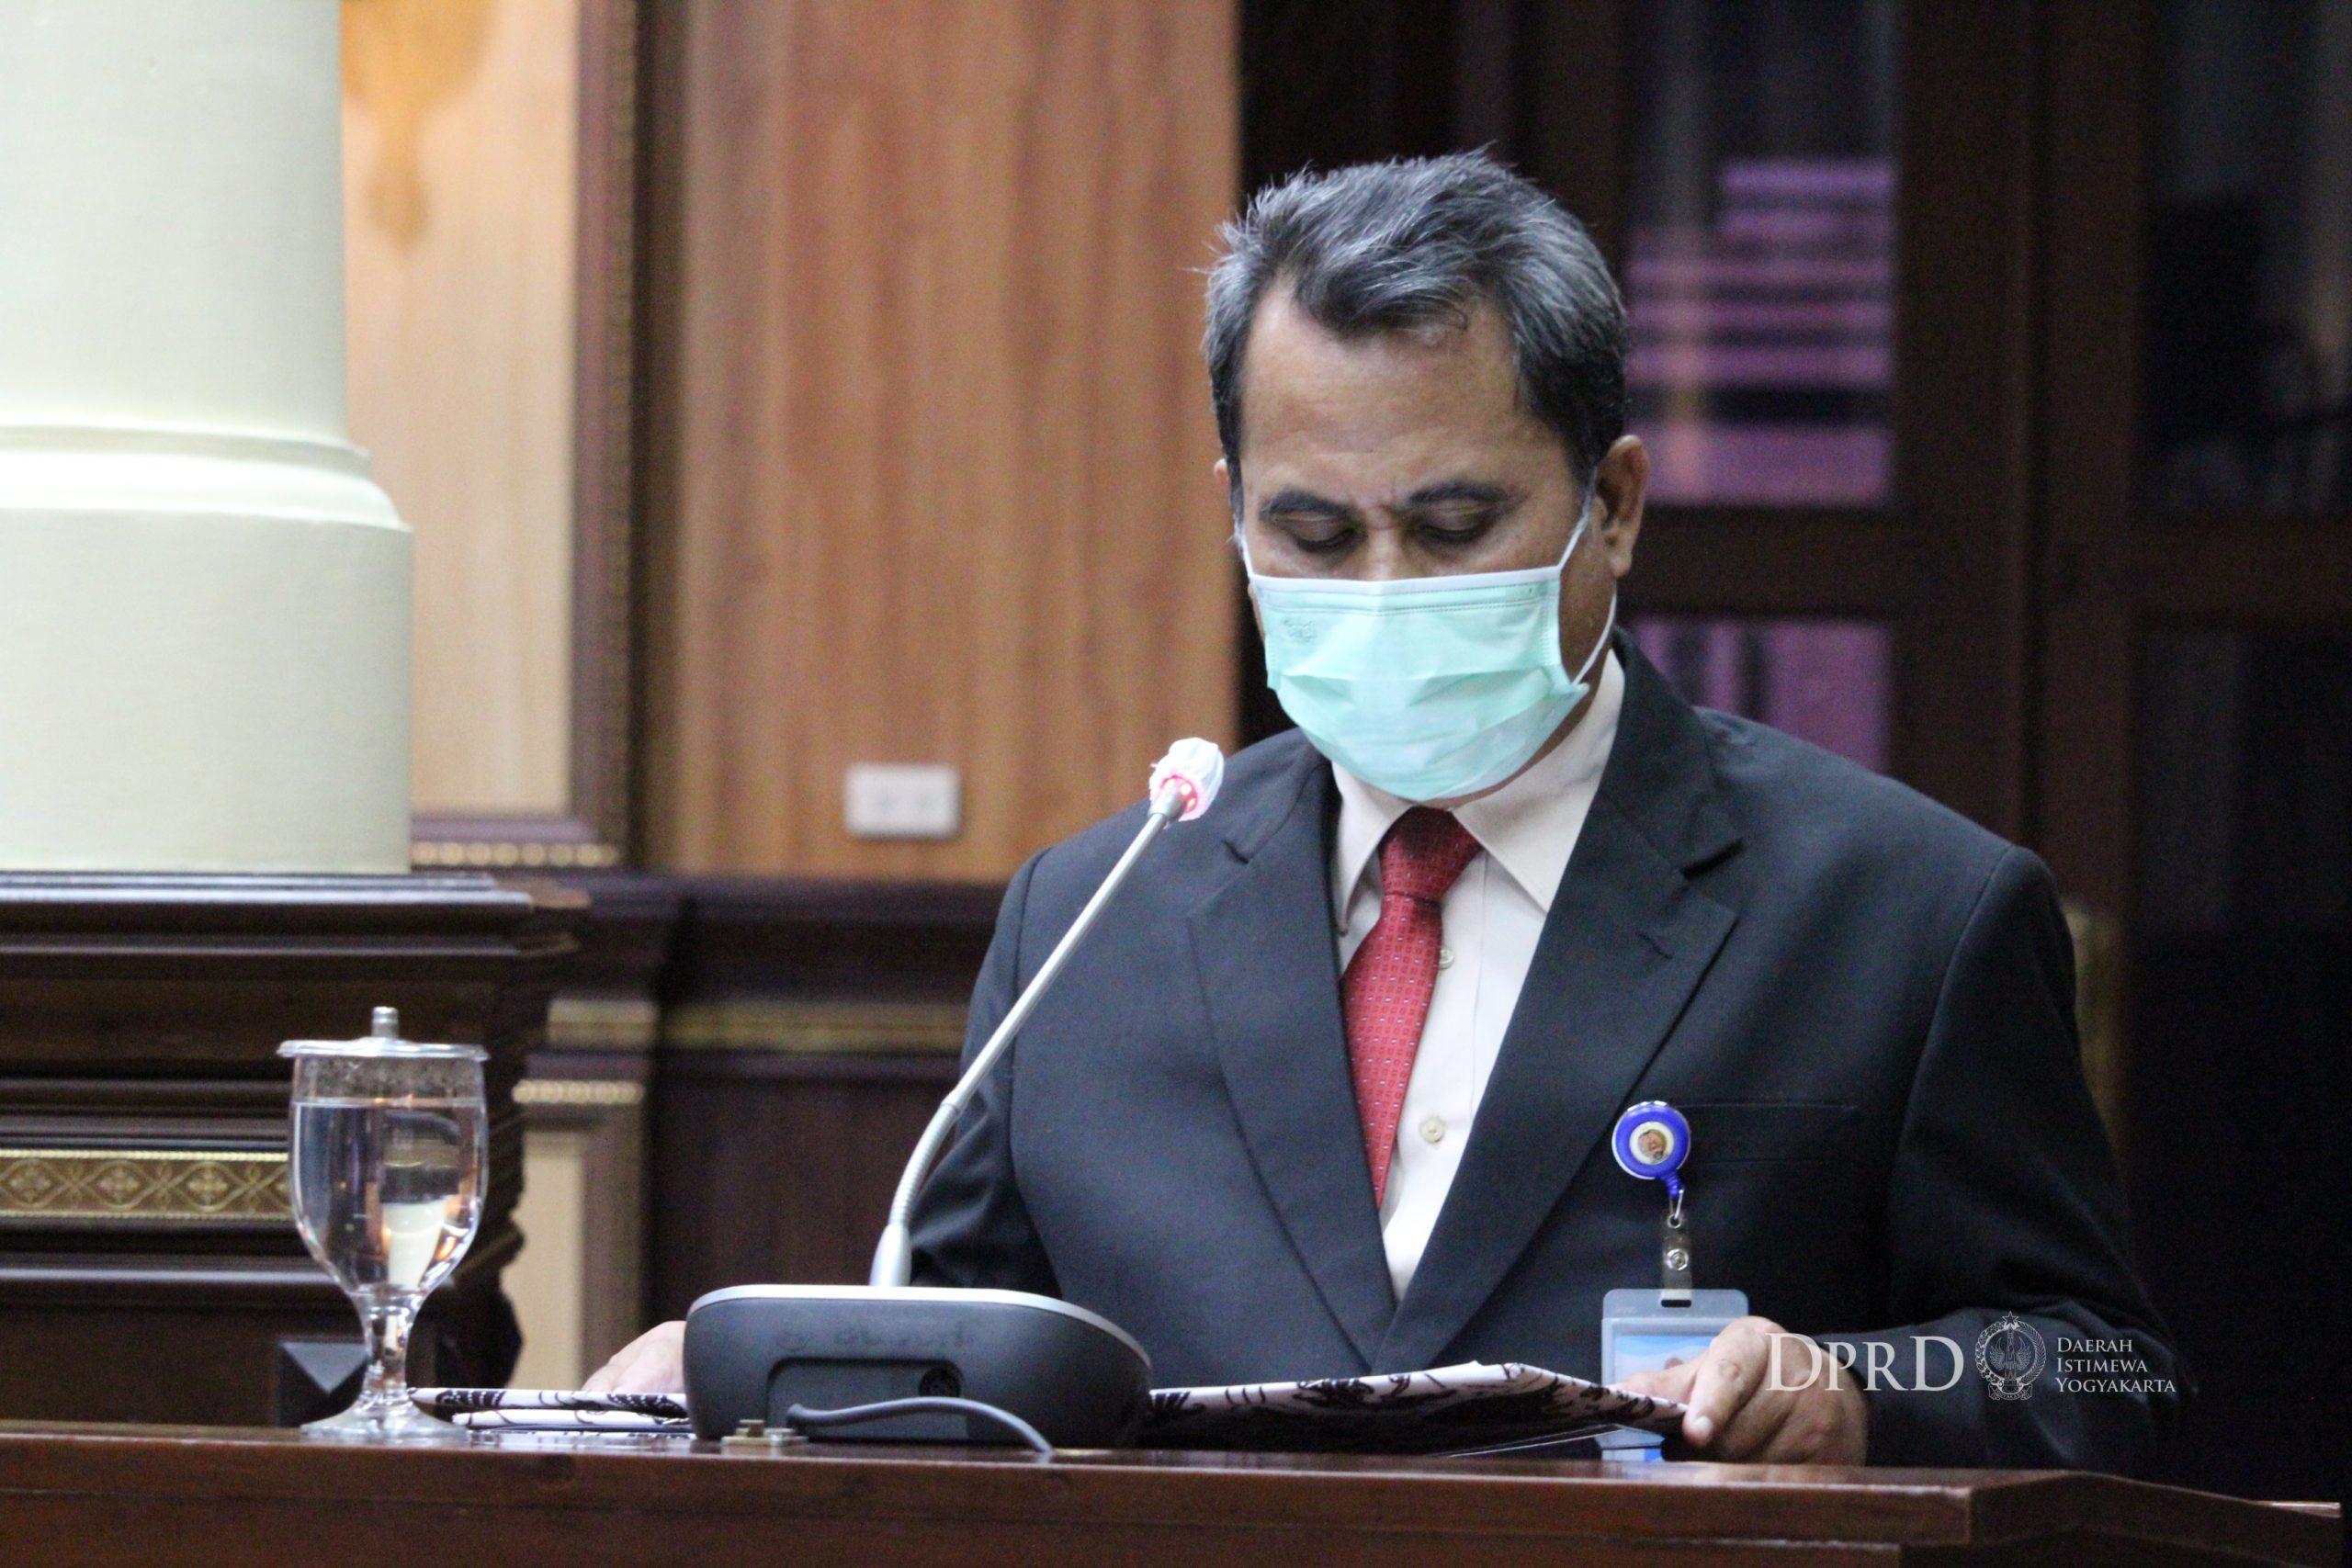 Penandatanganan Naskah Kesepakatan KUPA-PPAS APBD DIY TA 2021 oleh Gubernur DIY dan DPRD DIY (11)